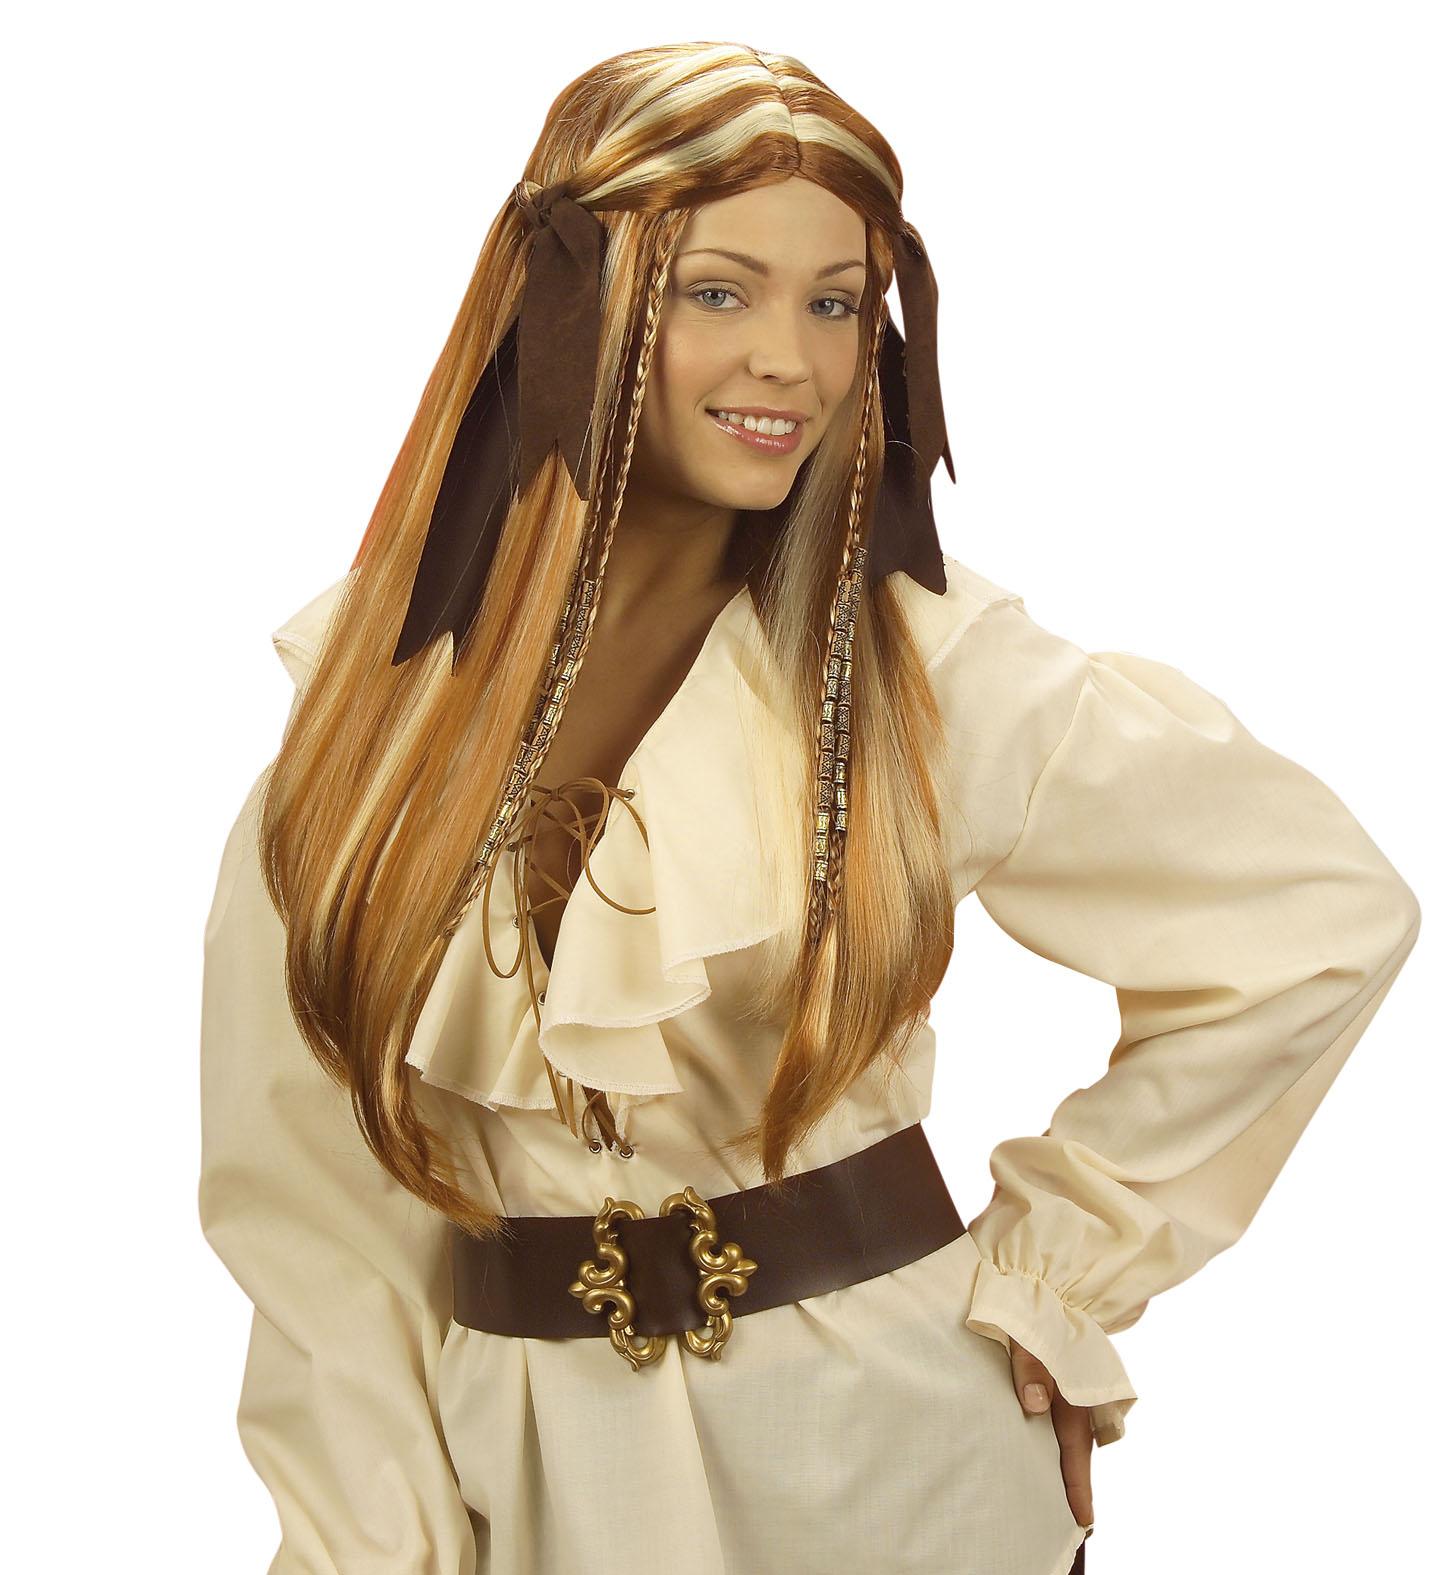 Piraten Perücke mit Zöpfen Piratenfrau braun lang Damen